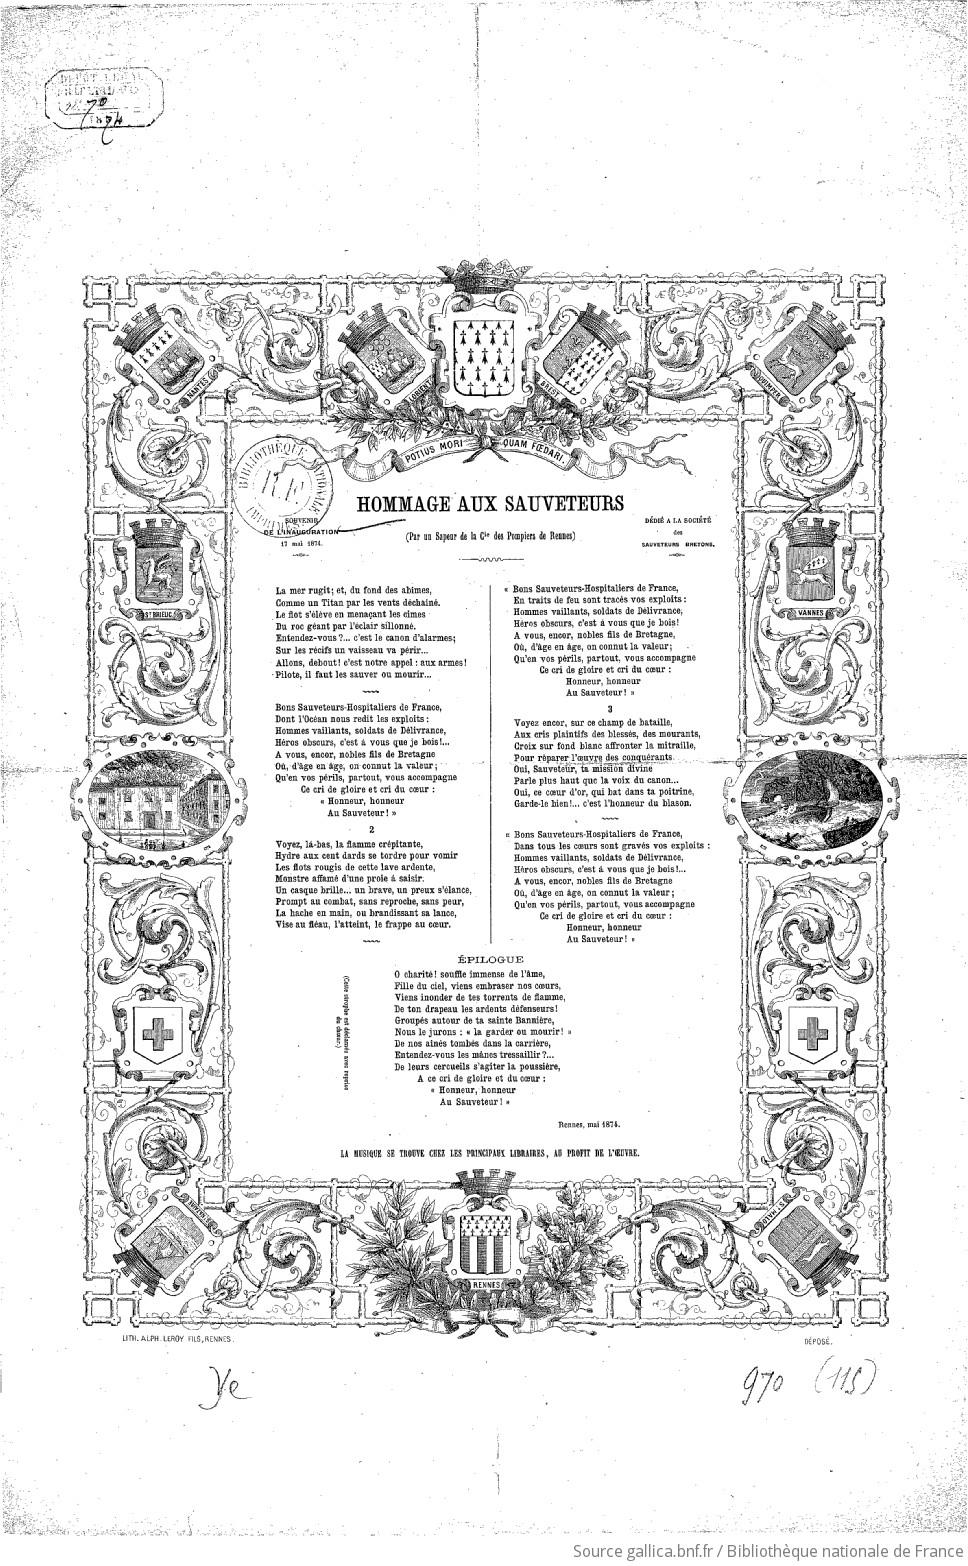 Hommage aux sauveteurs par un sapeur de la compagnie des pompiers de Rennes. Souvenir de l'inauguration, 17 mai 1874 |